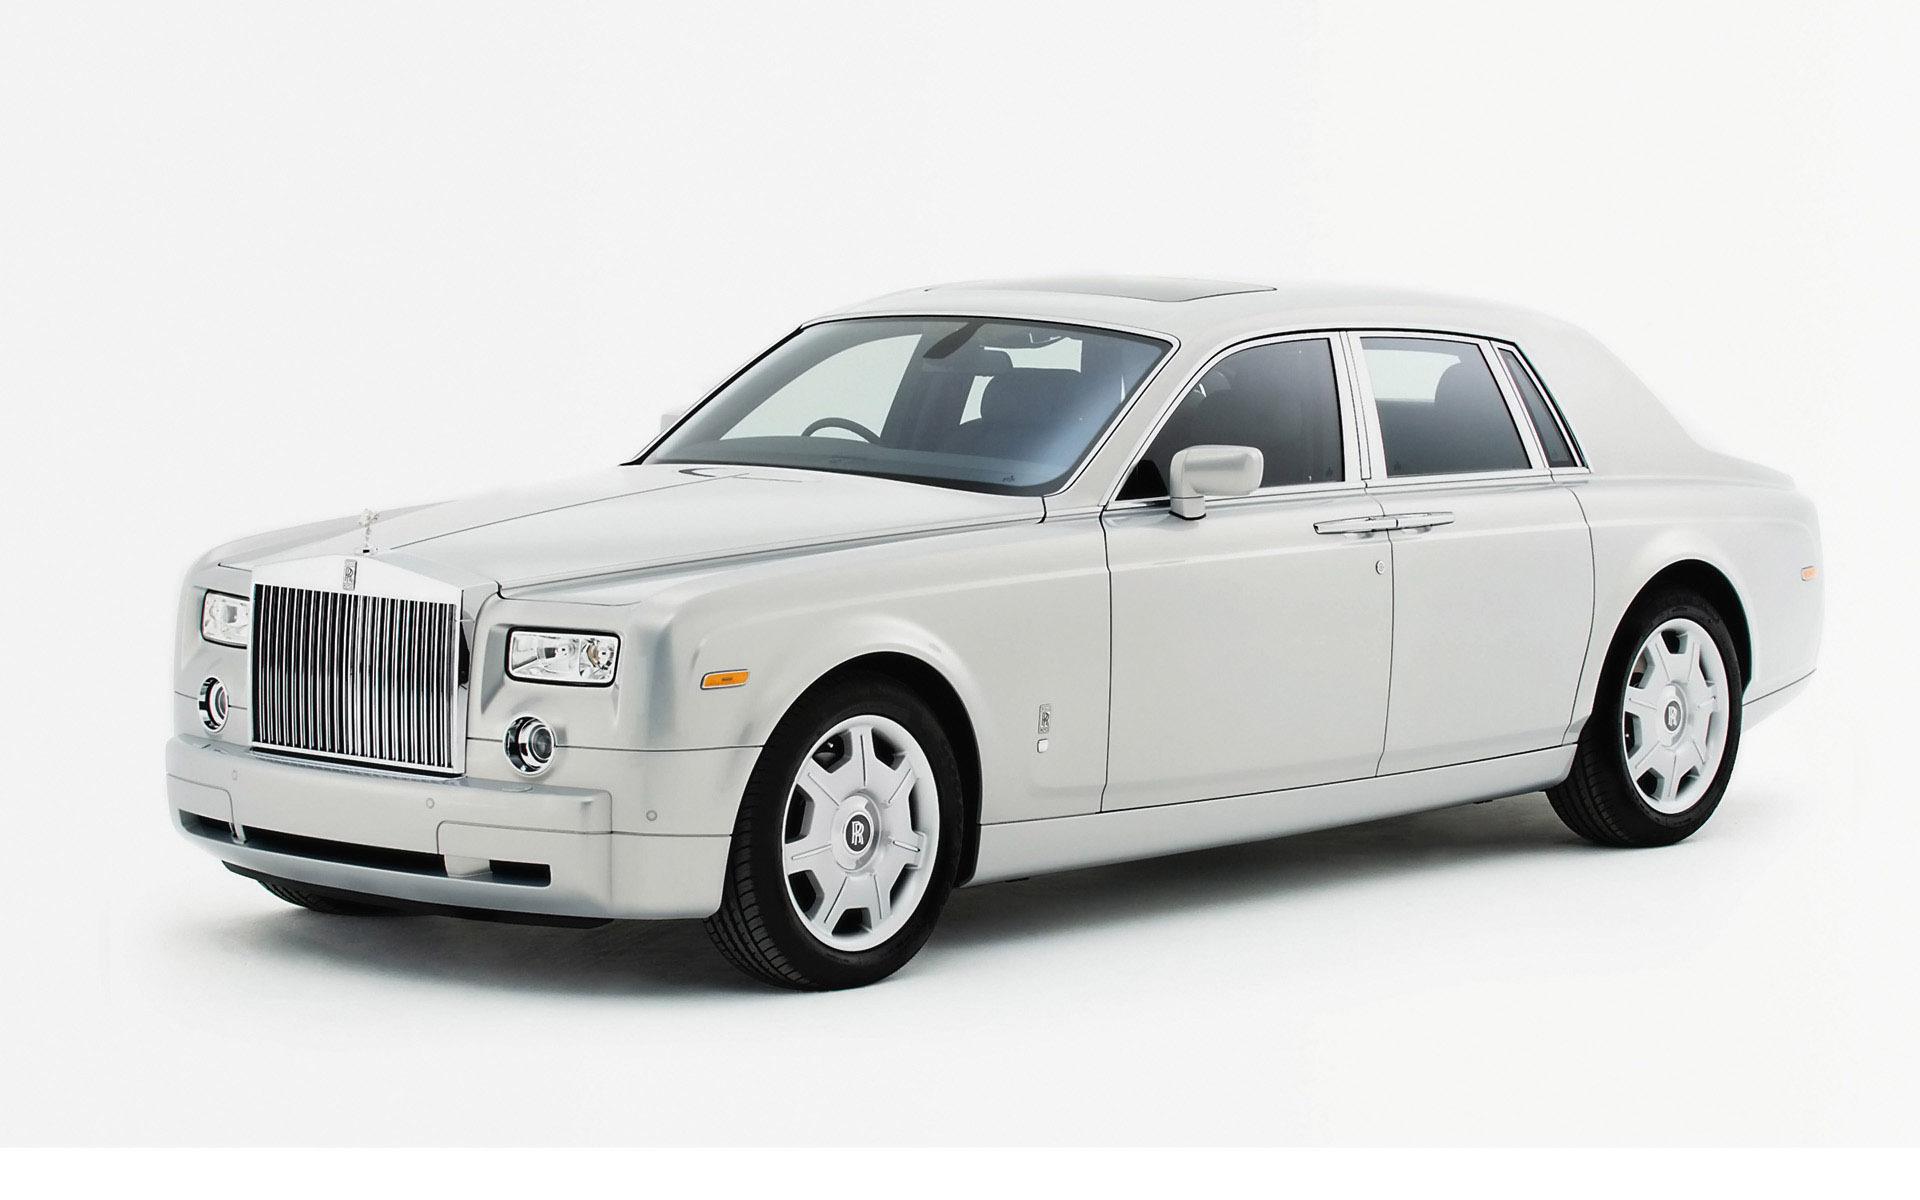 36713 скачать обои Транспорт, Машины, Ролс Ройс (Rolls-Royce) - заставки и картинки бесплатно